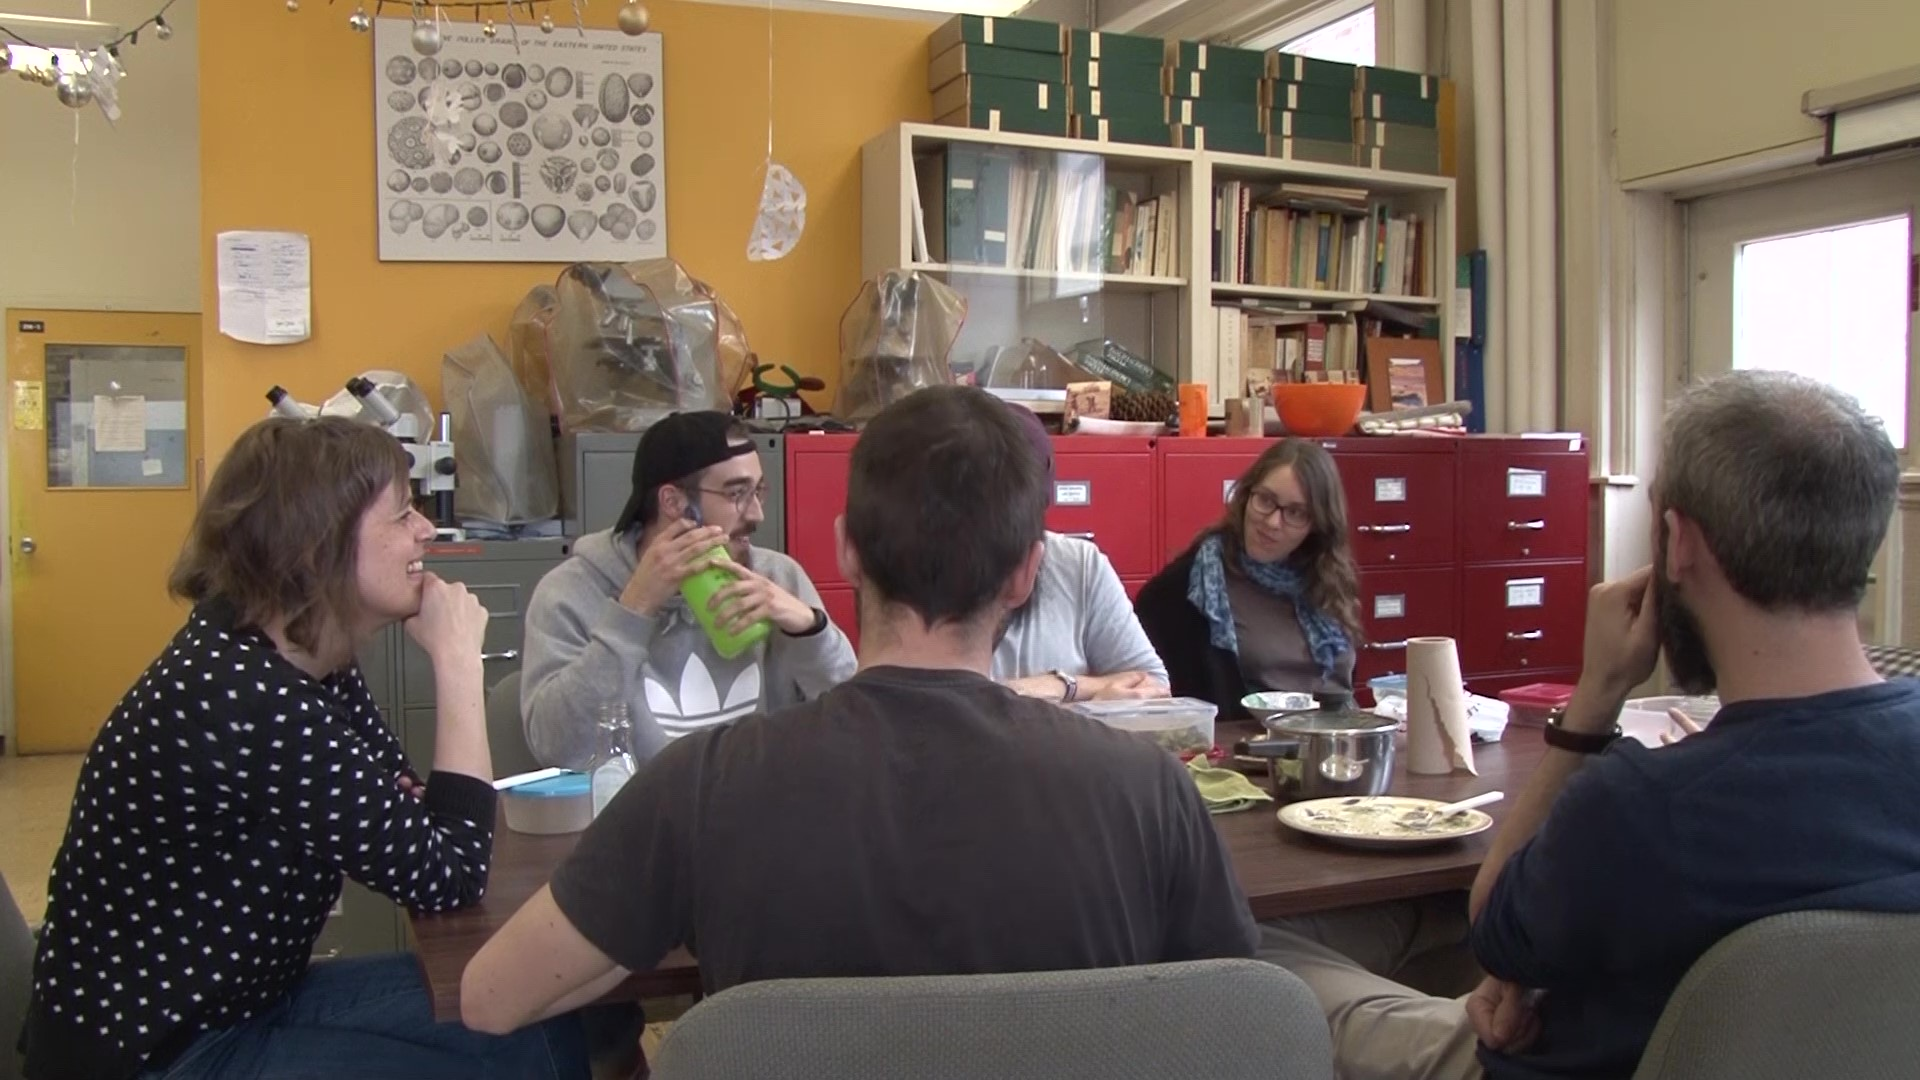 Les géographes de l'Université de Montréal : une communauté tricotée serrée